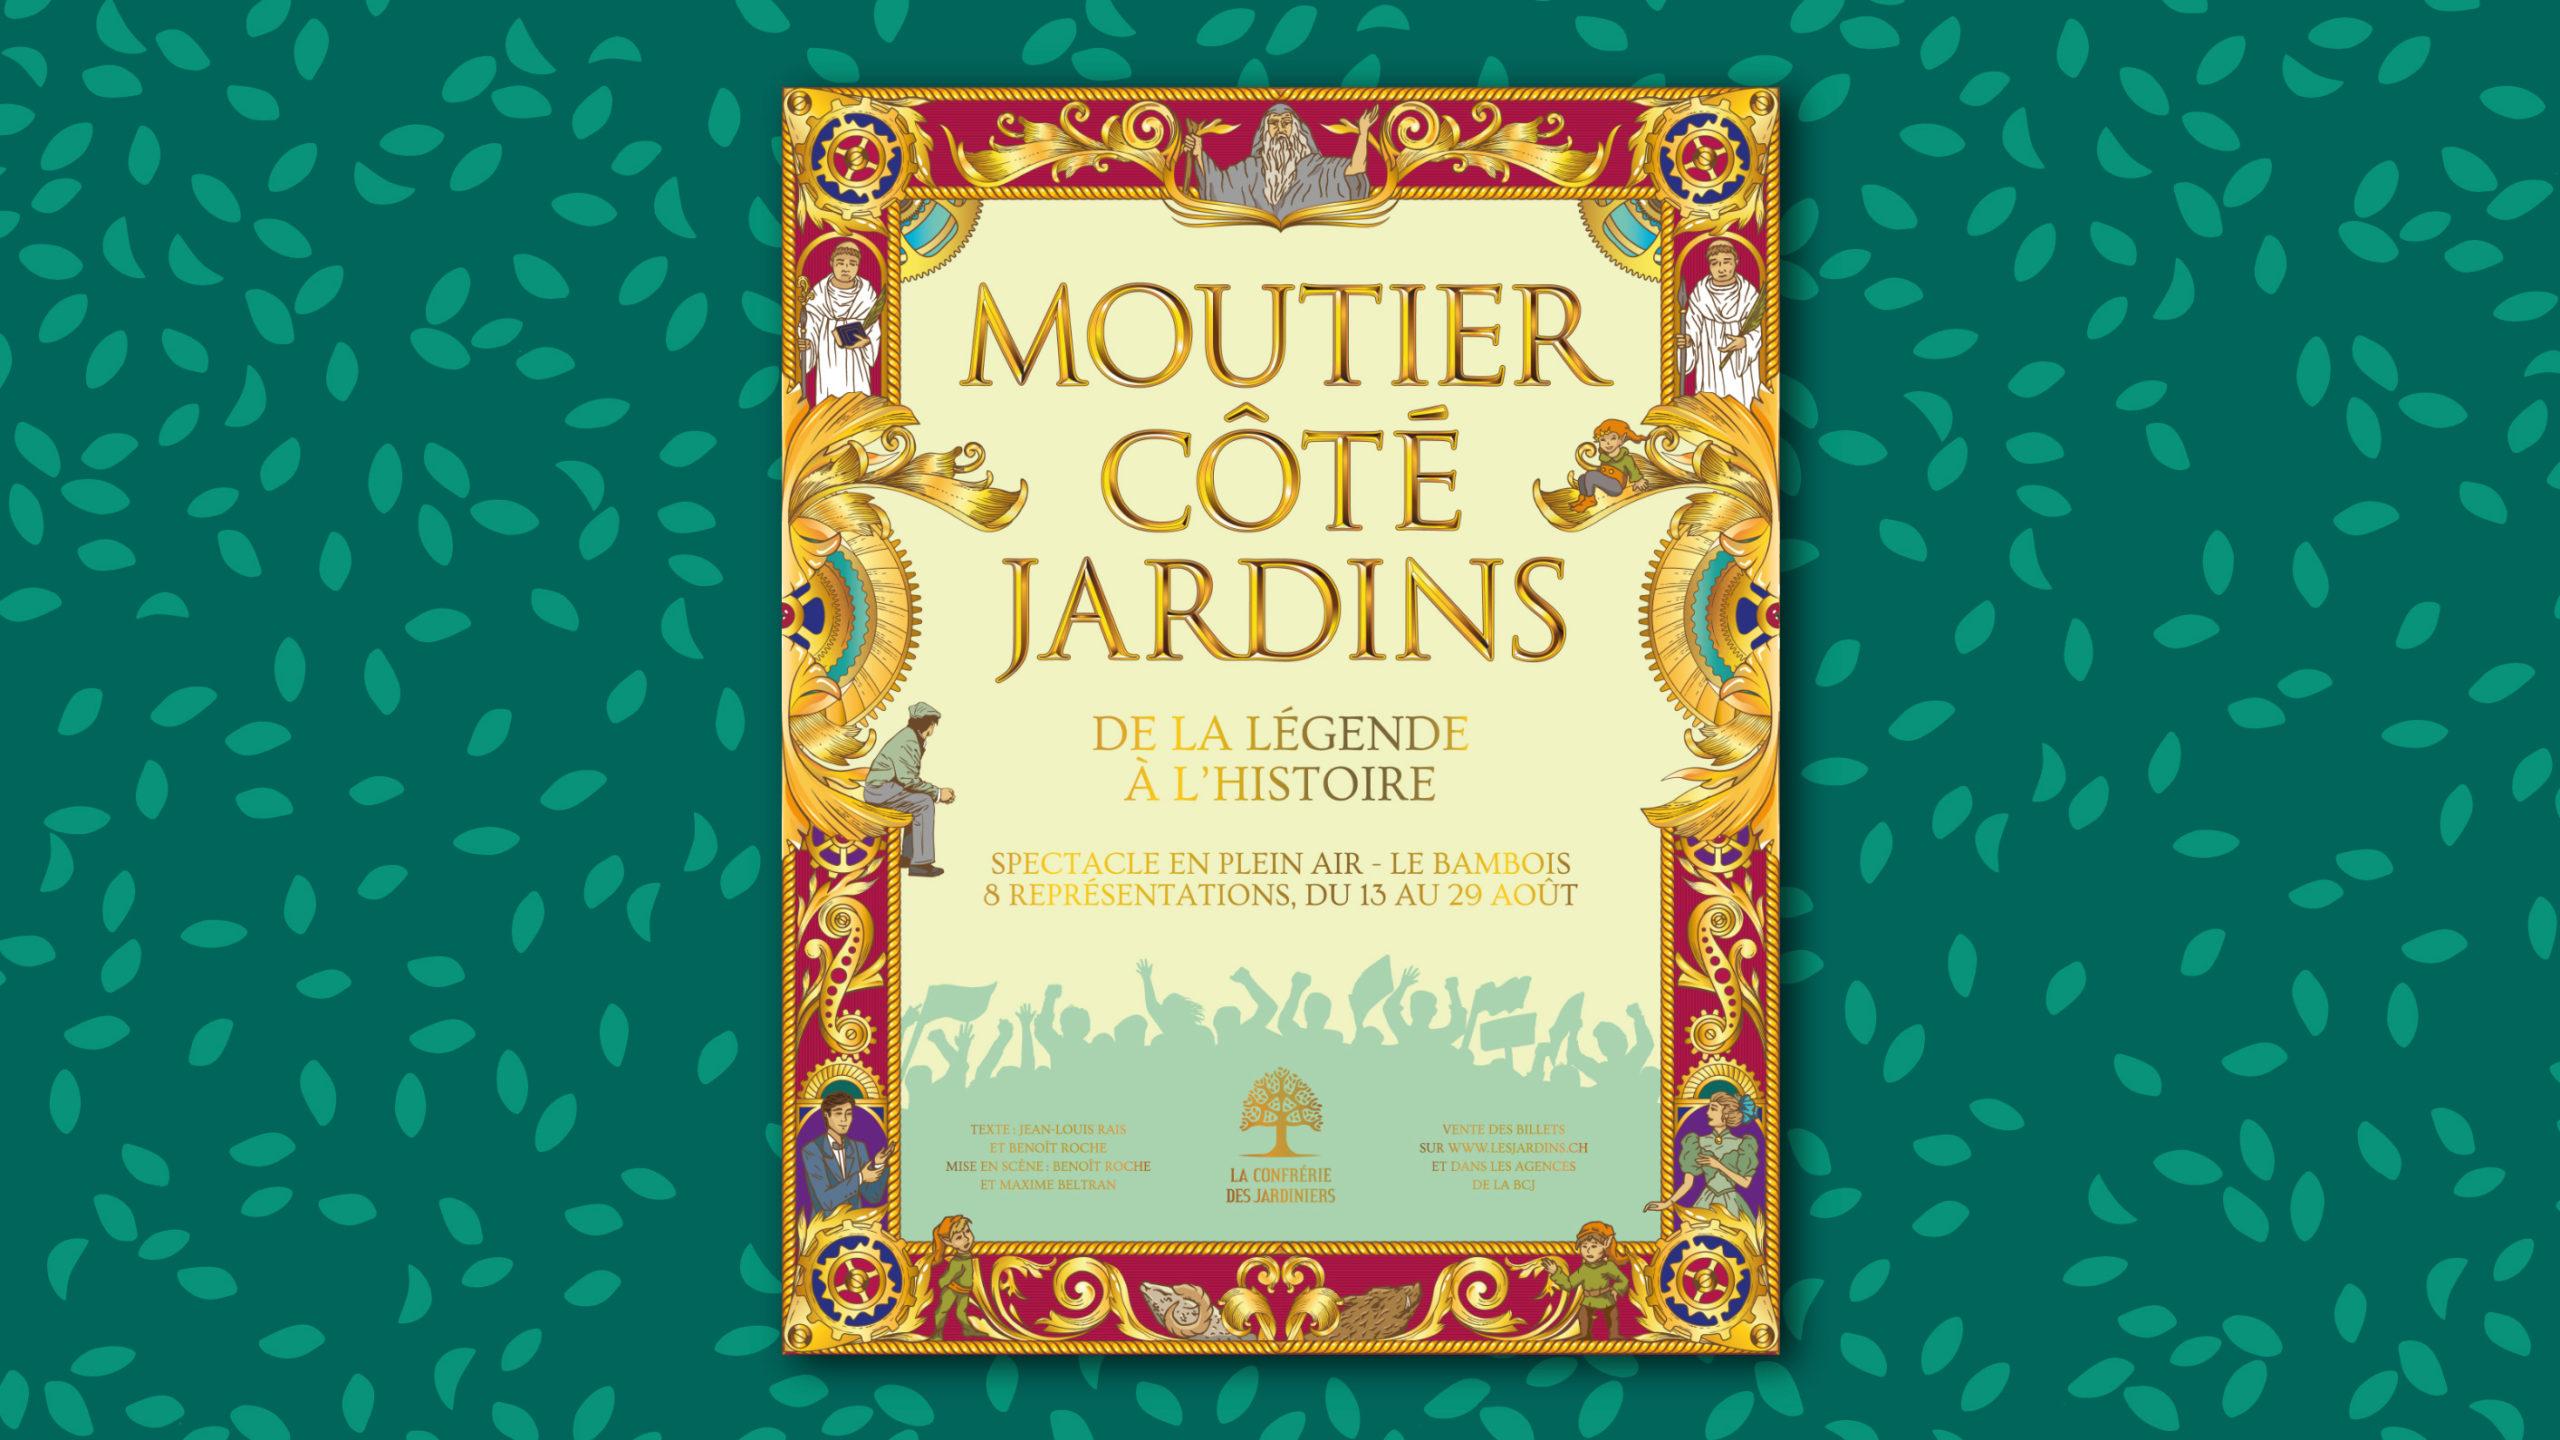 «Moutier côté Jardins, de la légende à l'histoire», nouveau spectacle de la Confrérie des Jardiniers